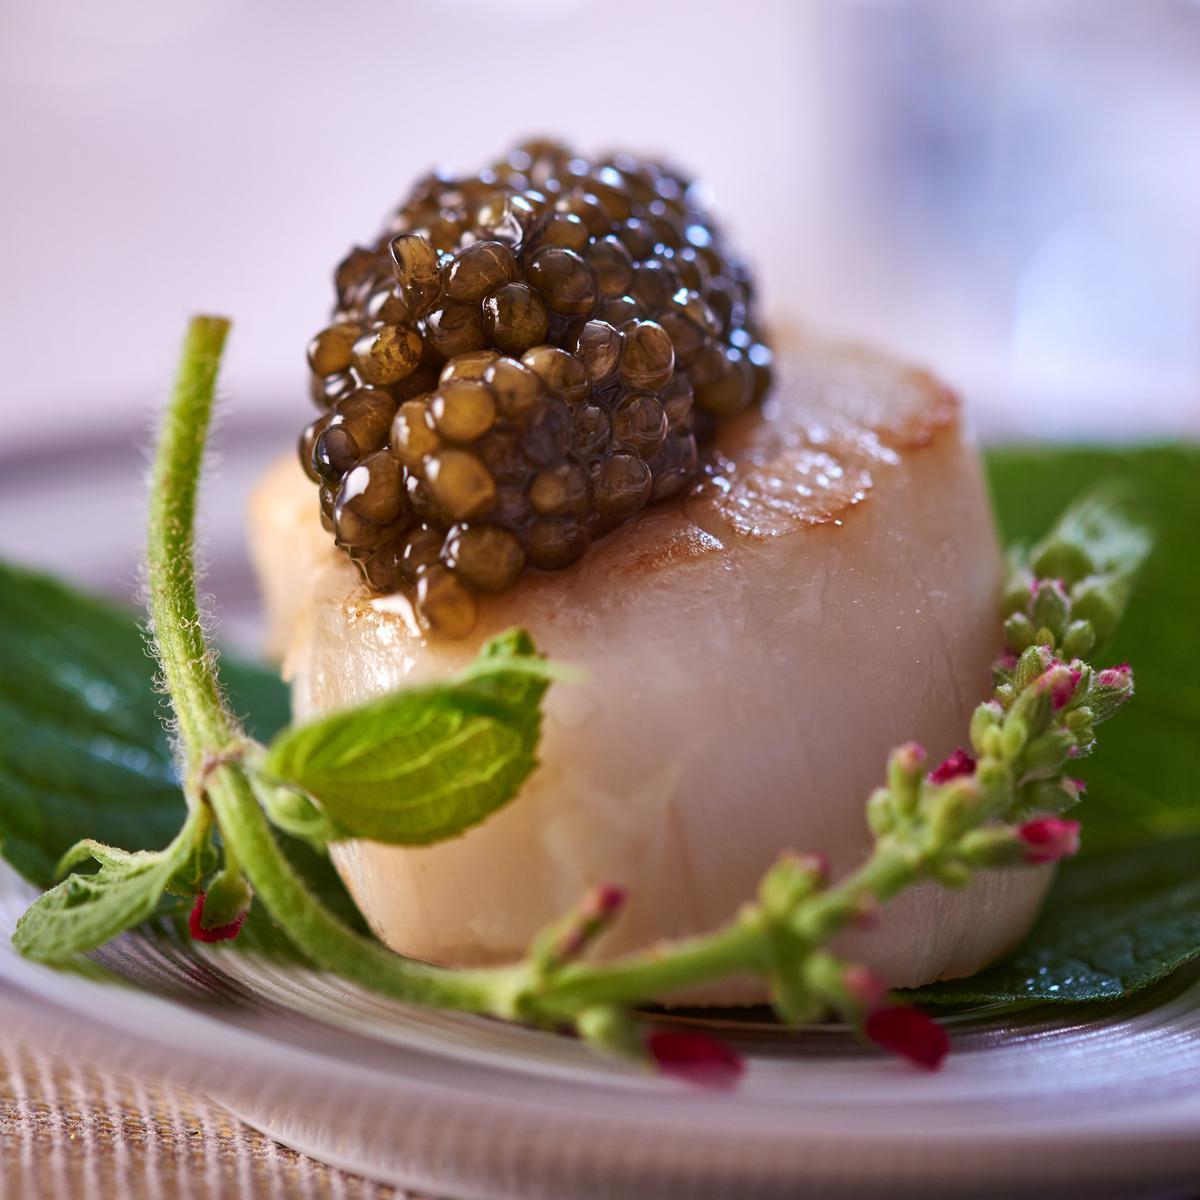 Recette saint jacques au caviar cuisine madame figaro for Saint jacques cuisine